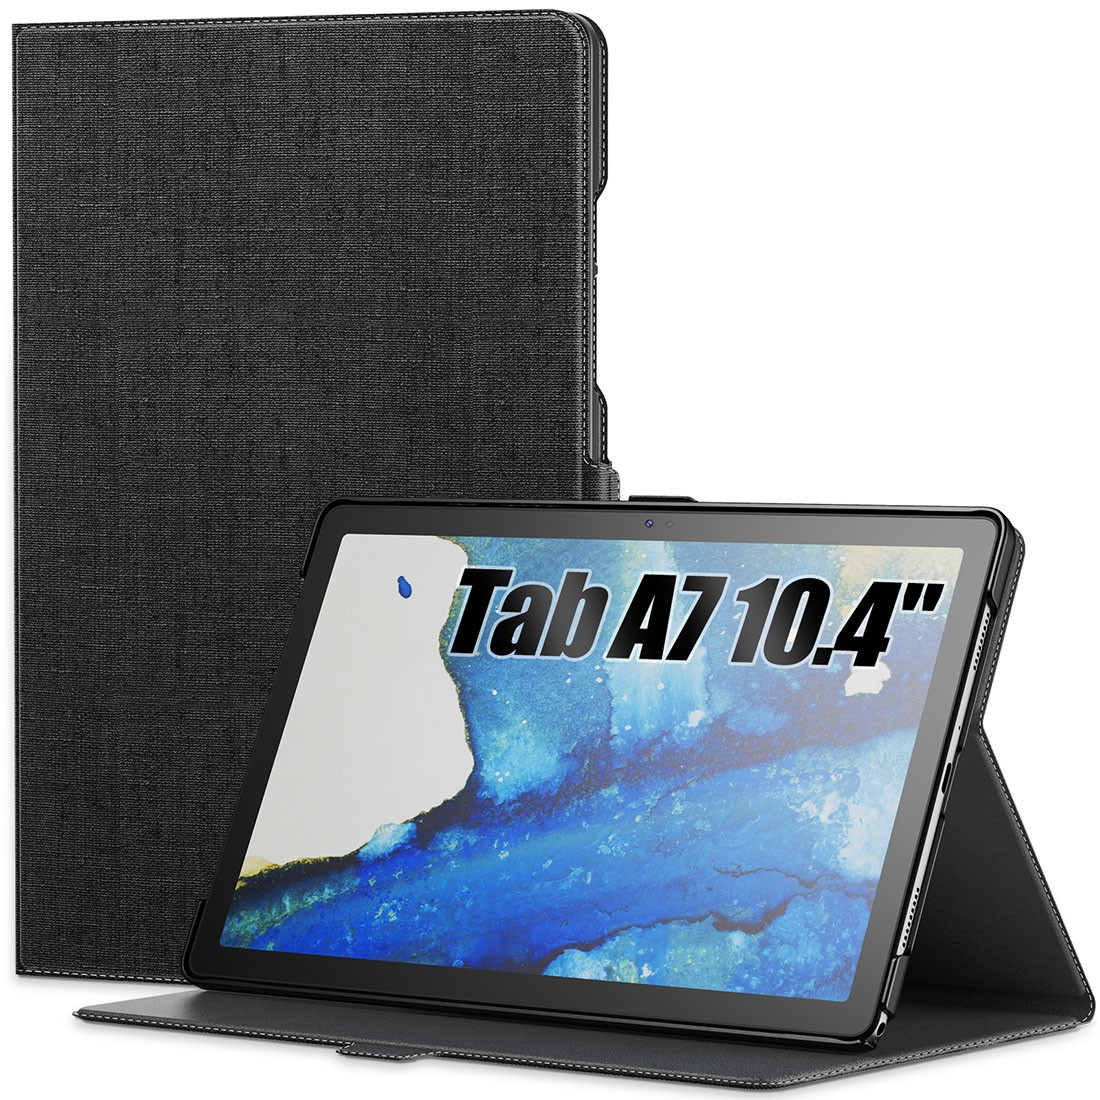 Capa Premium Classic Series com Fino Acabamento Galaxy Tab A7 10.4 pol 2020 SM-T500 e SM-T505